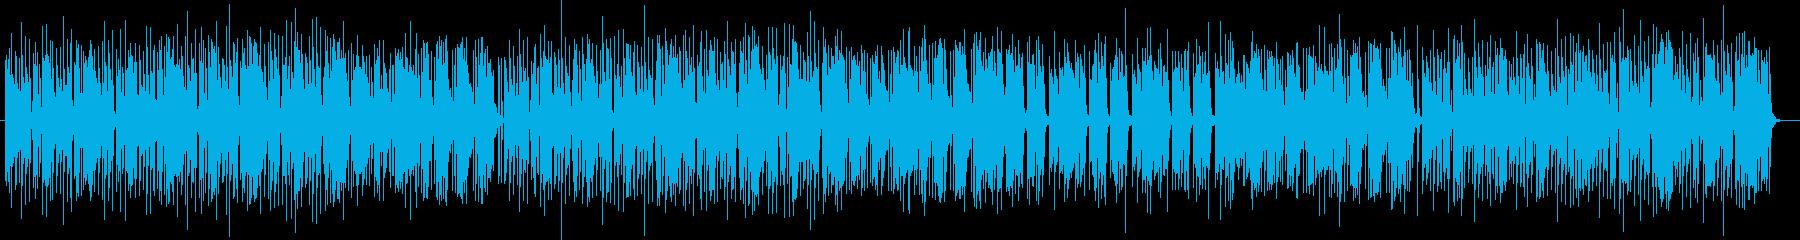 軽快でノリのあるスペースサウンドの再生済みの波形